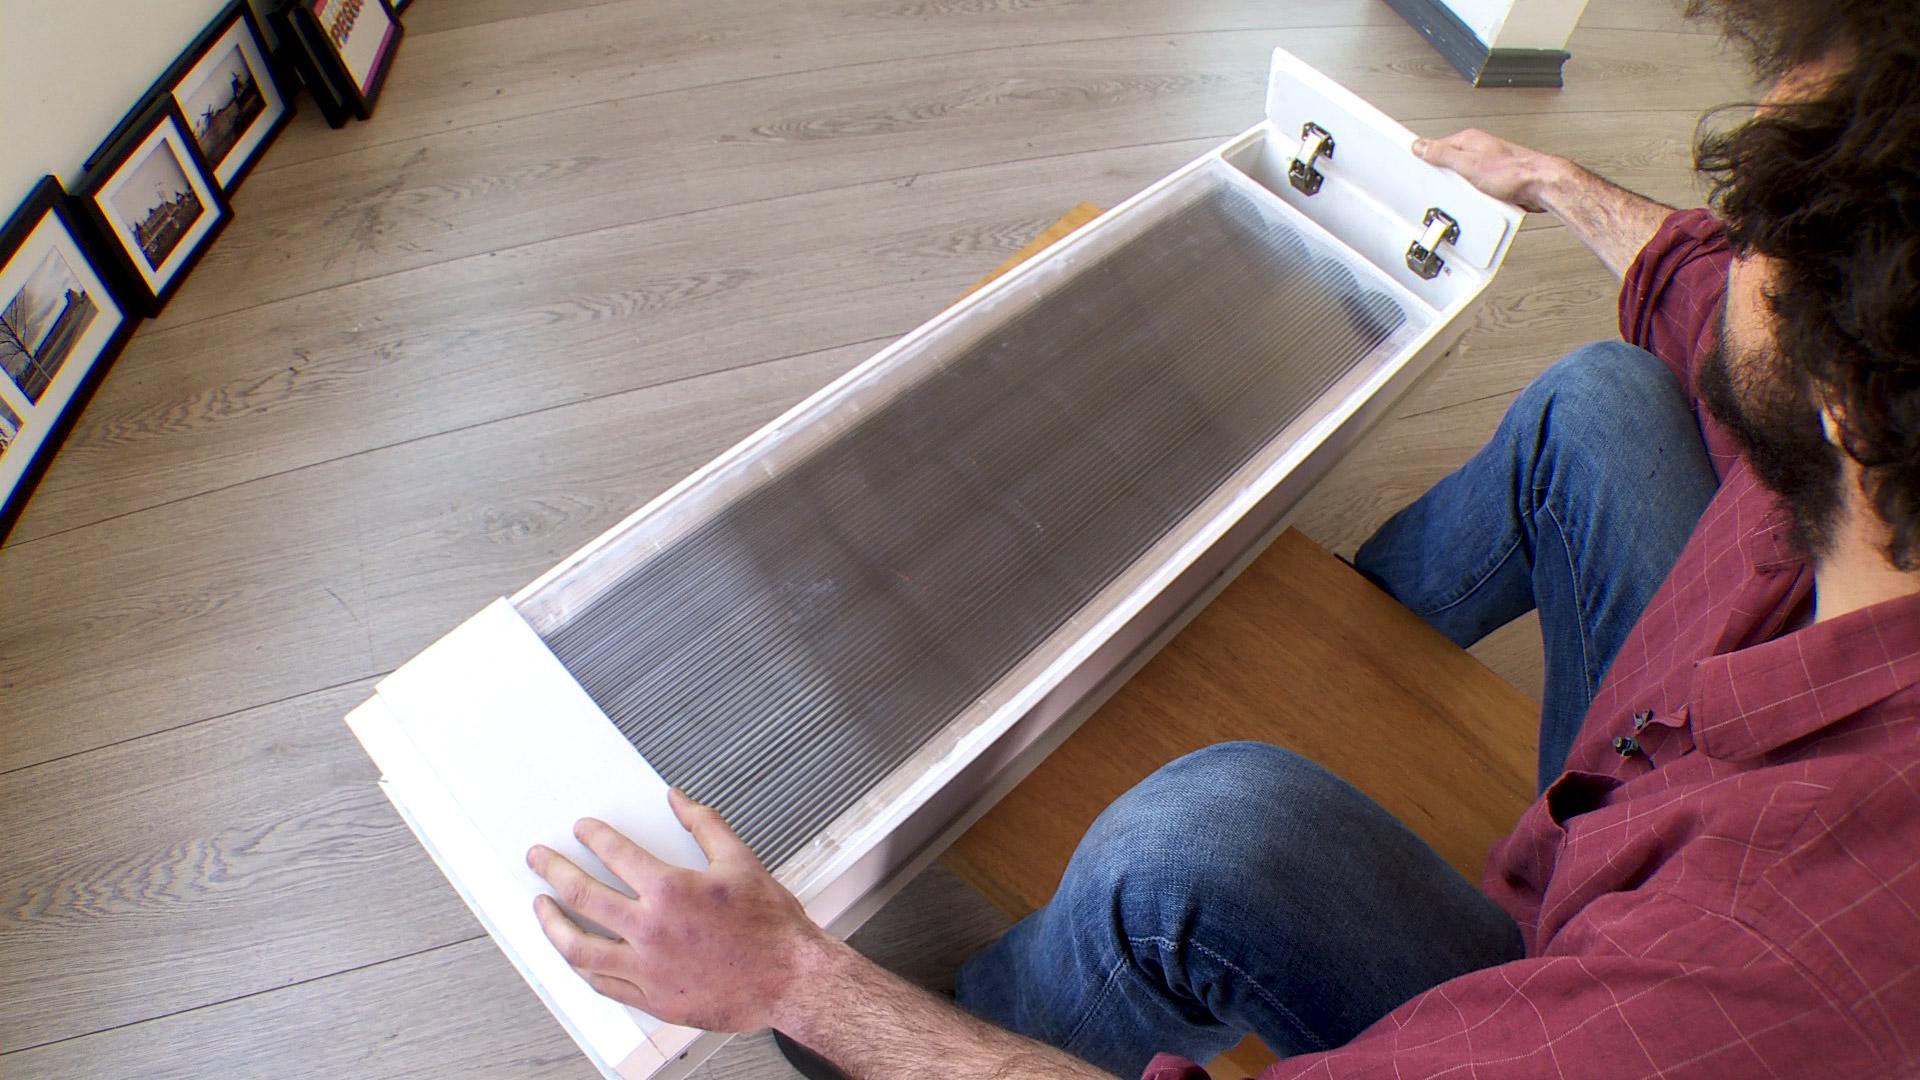 Hay formas de calefaccionar una casa o un departamento sin usar ningún tipo de combustible, sólo energía solar térmica. Esto es posible gracias a una caja Trombe, que usa la energía solar para producir calor, ya que tiene la capacidad de recoger aire del exterior o del interior, calentarlo y expulsarlo hacia el interior.